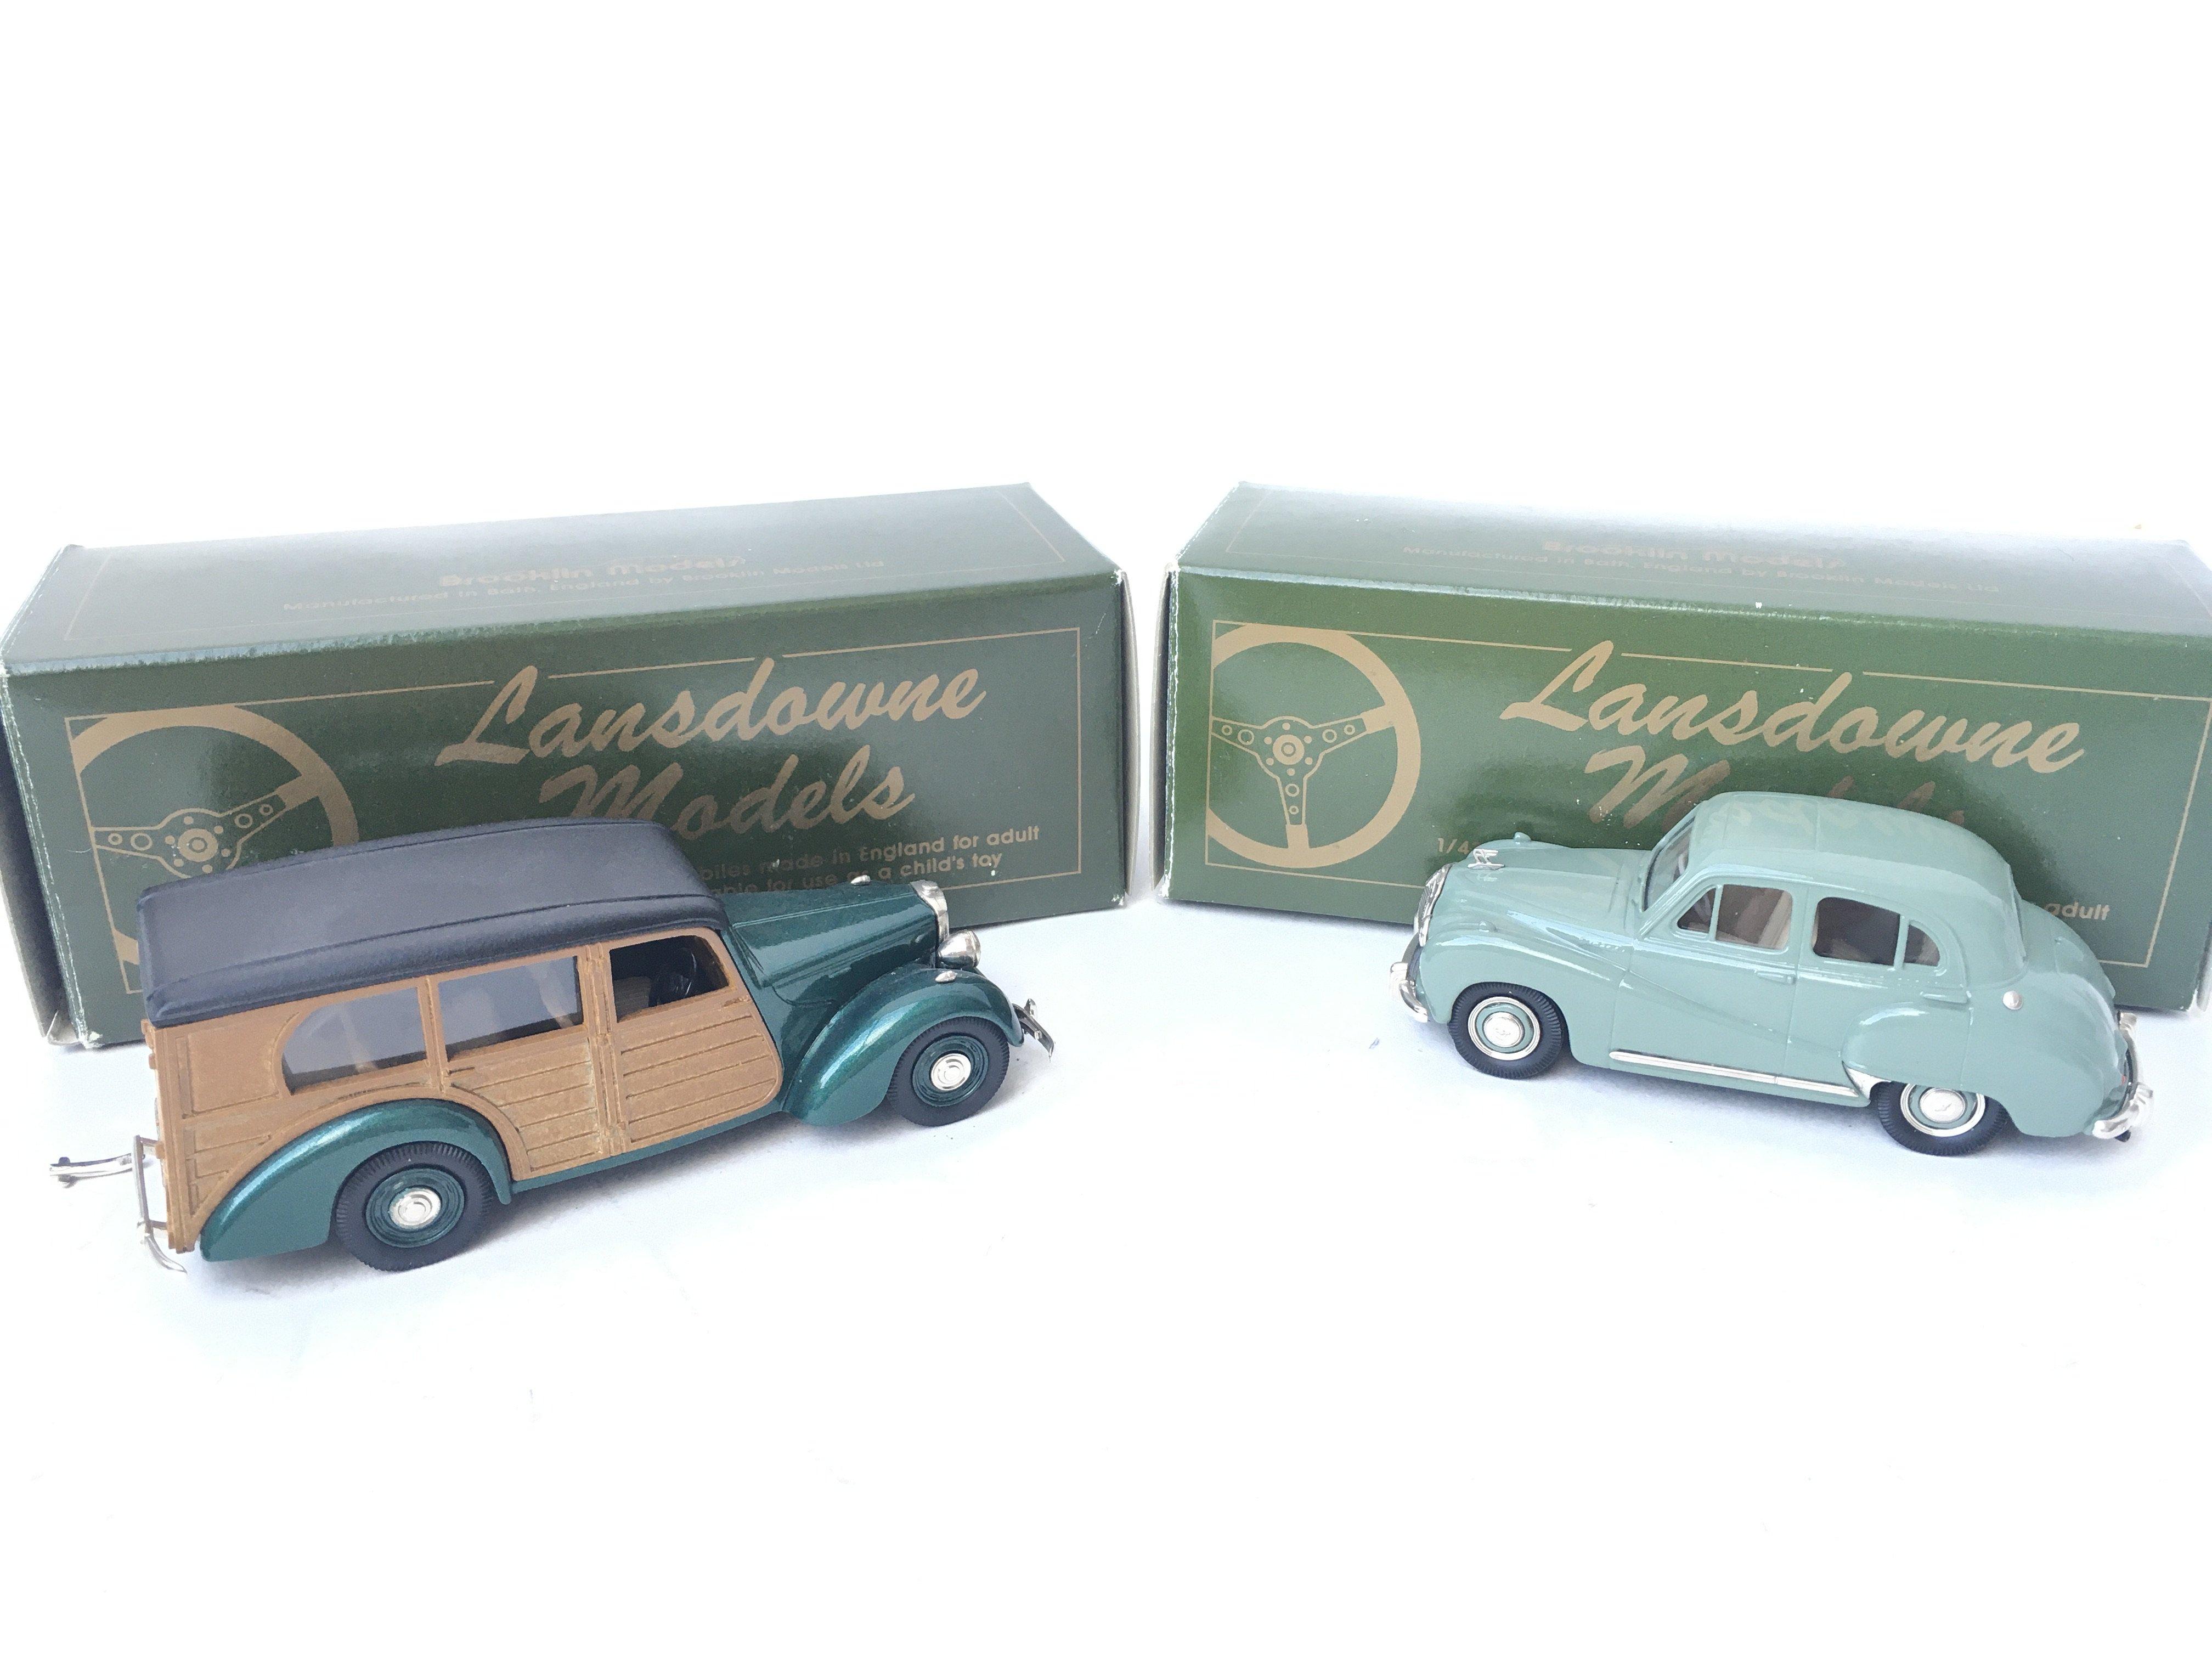 2 X Lansdowne Models including LDM 21 1950 Lea Fra